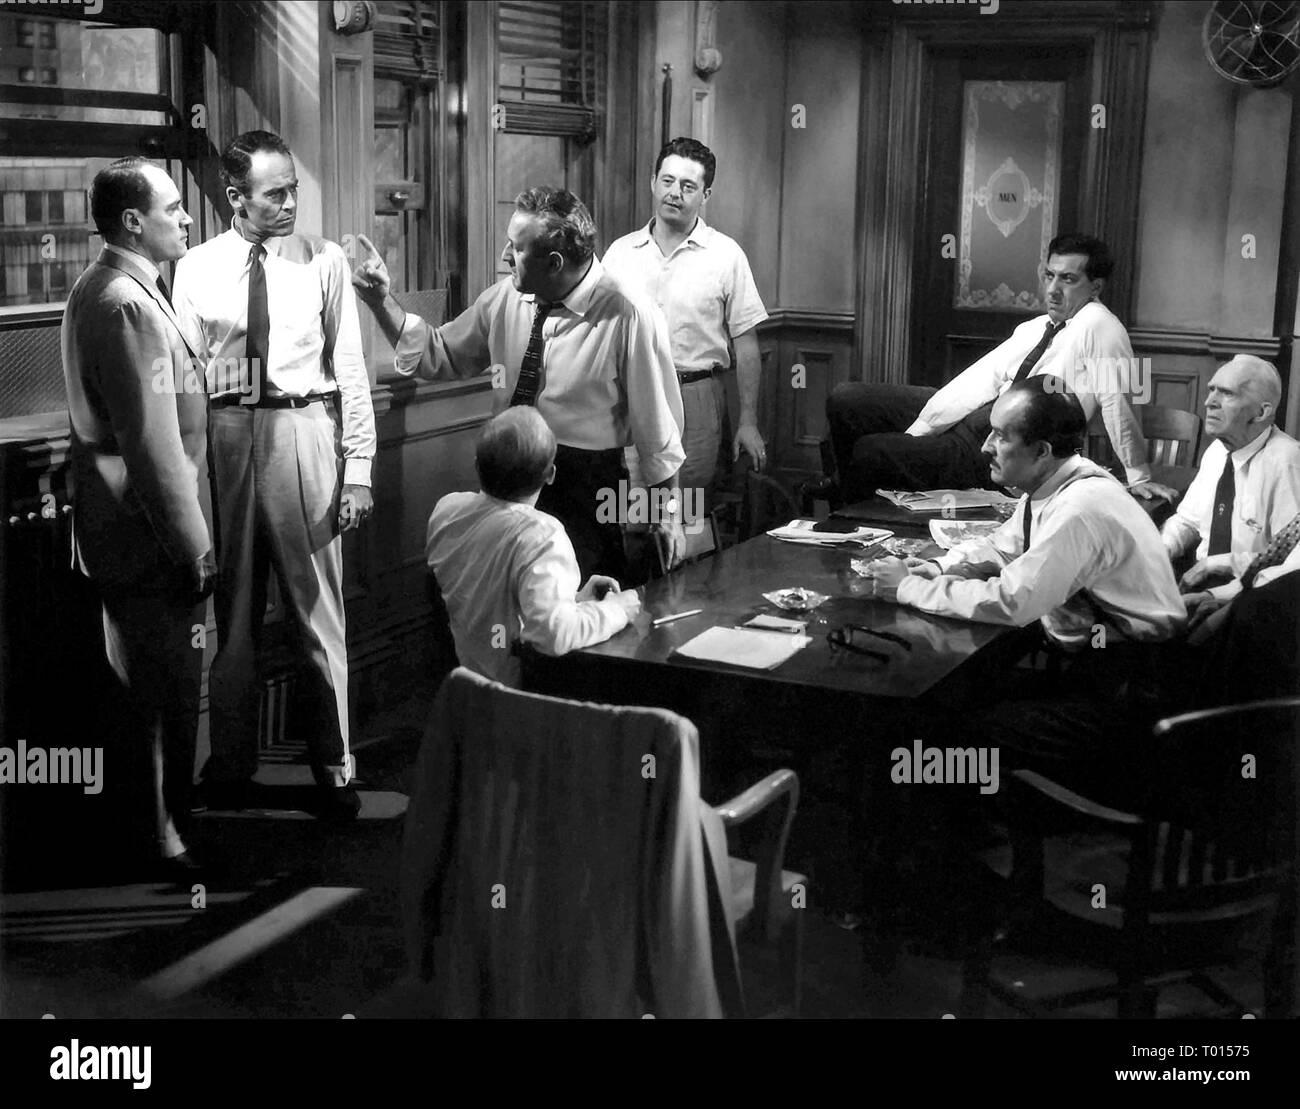 12 ANGRY MEN, E.G. MARSHALL, HENRY FONDA, JOHN FIEDLER, LEE J. COBB, EDWARD BINNS, GEORGE VOSKOVEC, JACK KLUGMAN , JOSEPH SWEENEY , 1957 - Stock Image